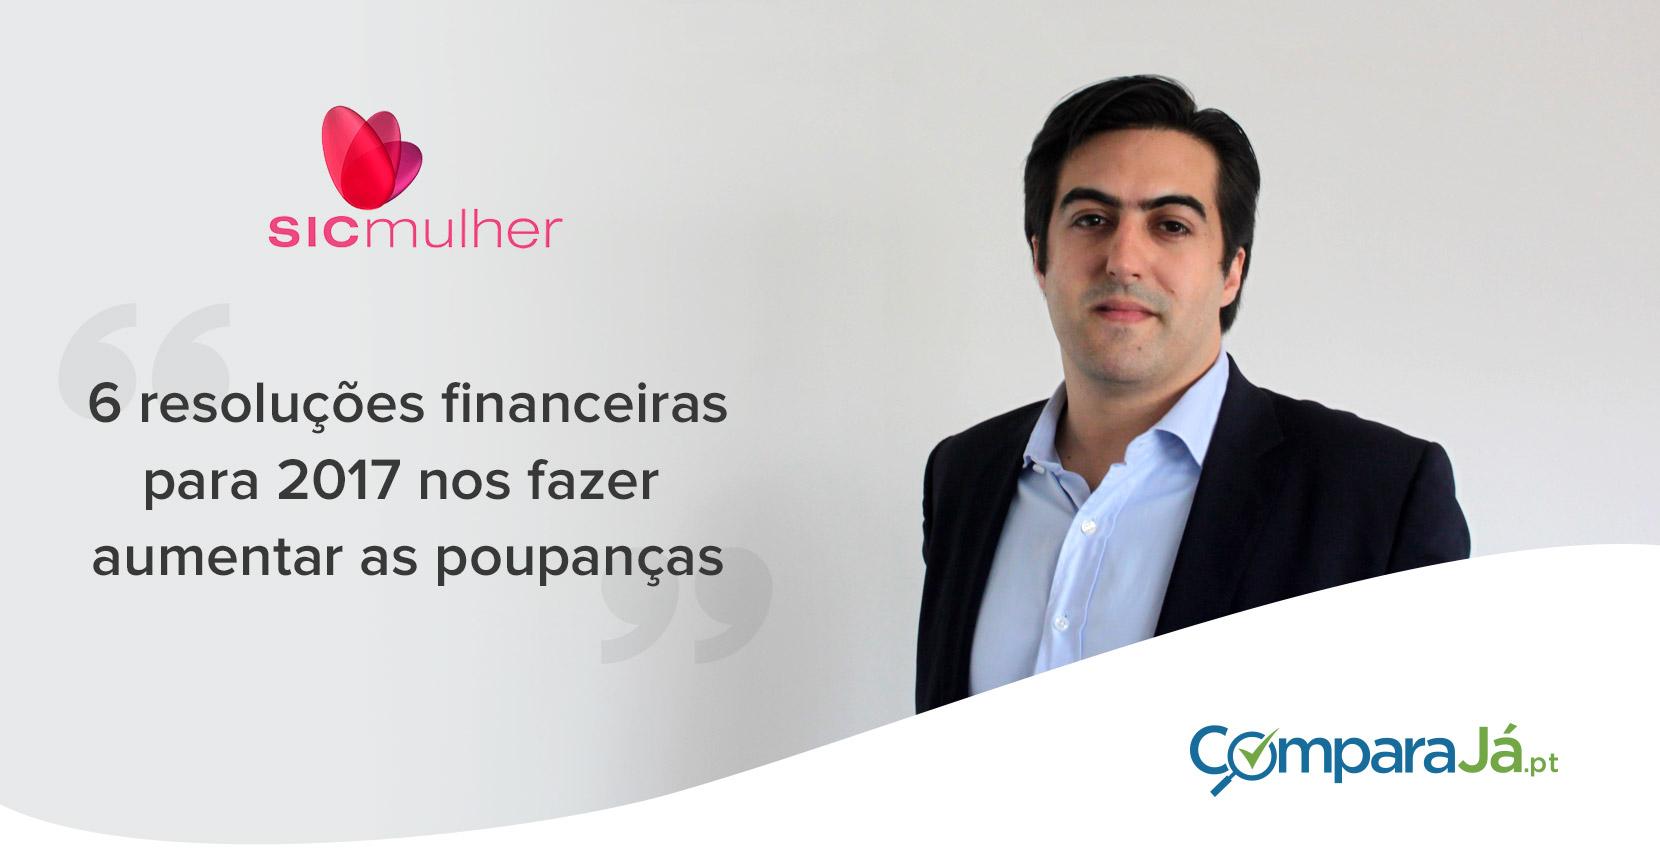 Sérgio Pereira na Sic Mulher: Organizar as Finanças para 2017